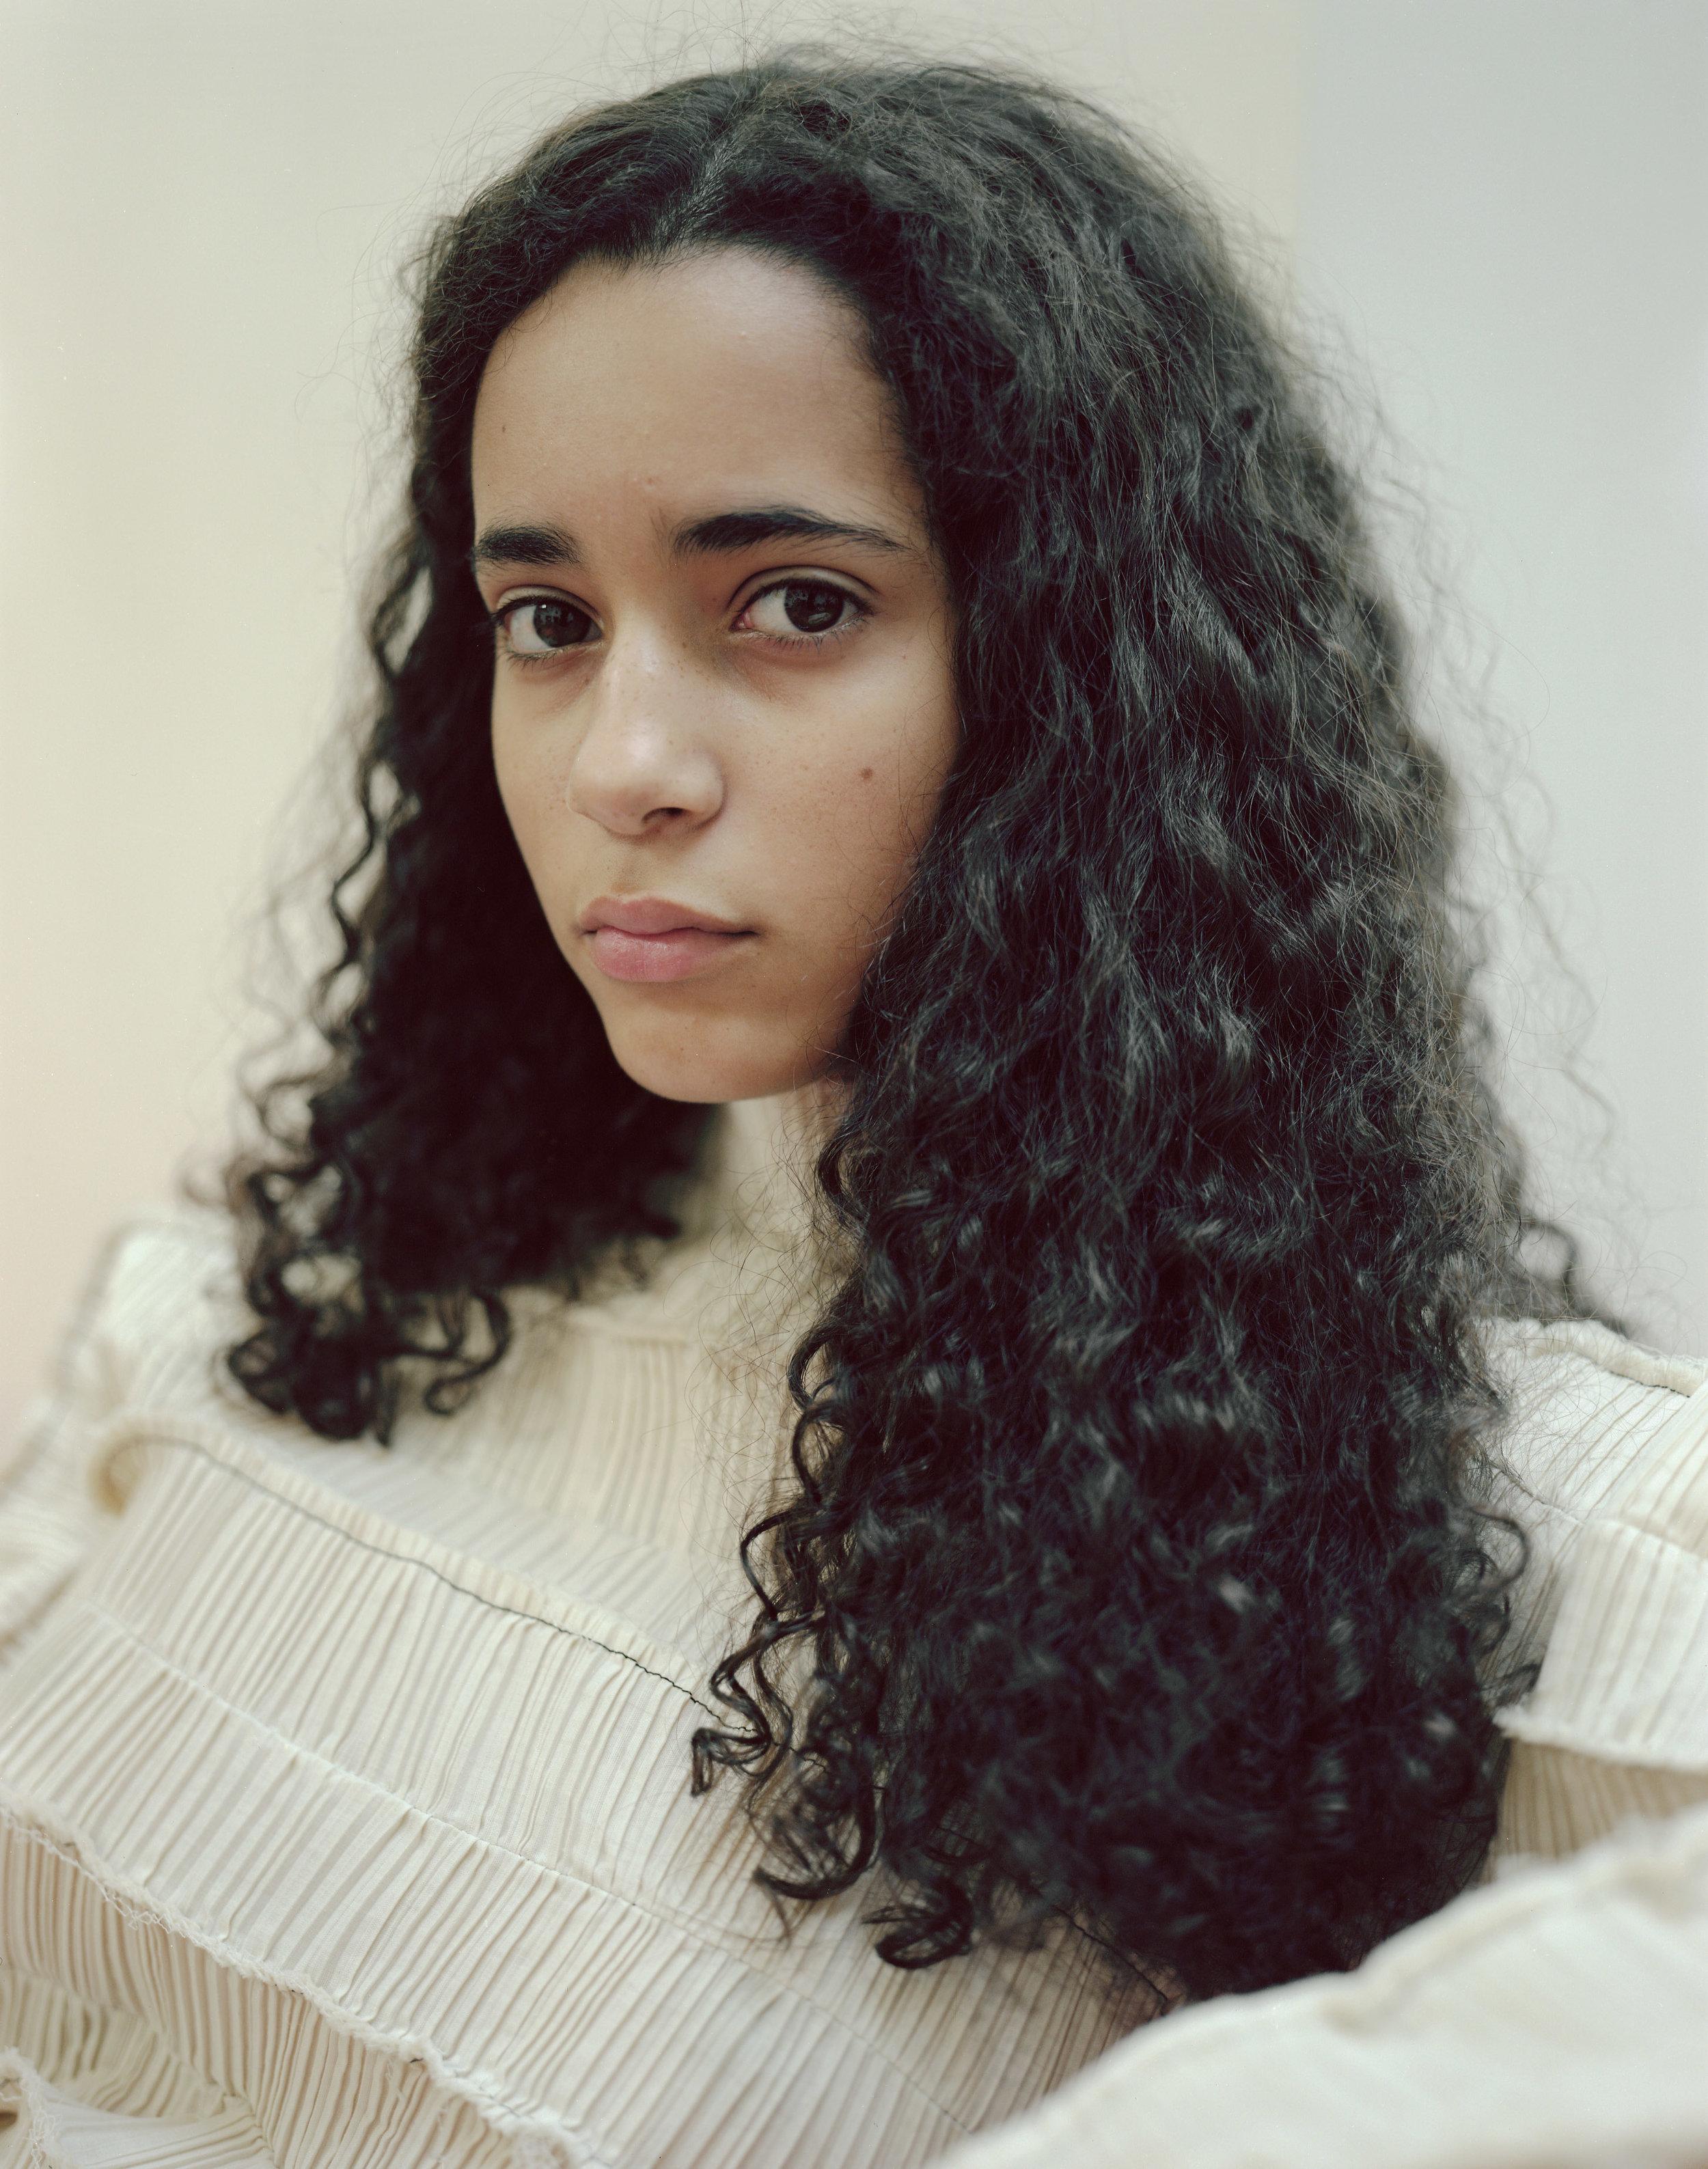 images gratuites femme couleur de cheveux humains beaut coiffure cheveux noirs cheveux. Black Bedroom Furniture Sets. Home Design Ideas